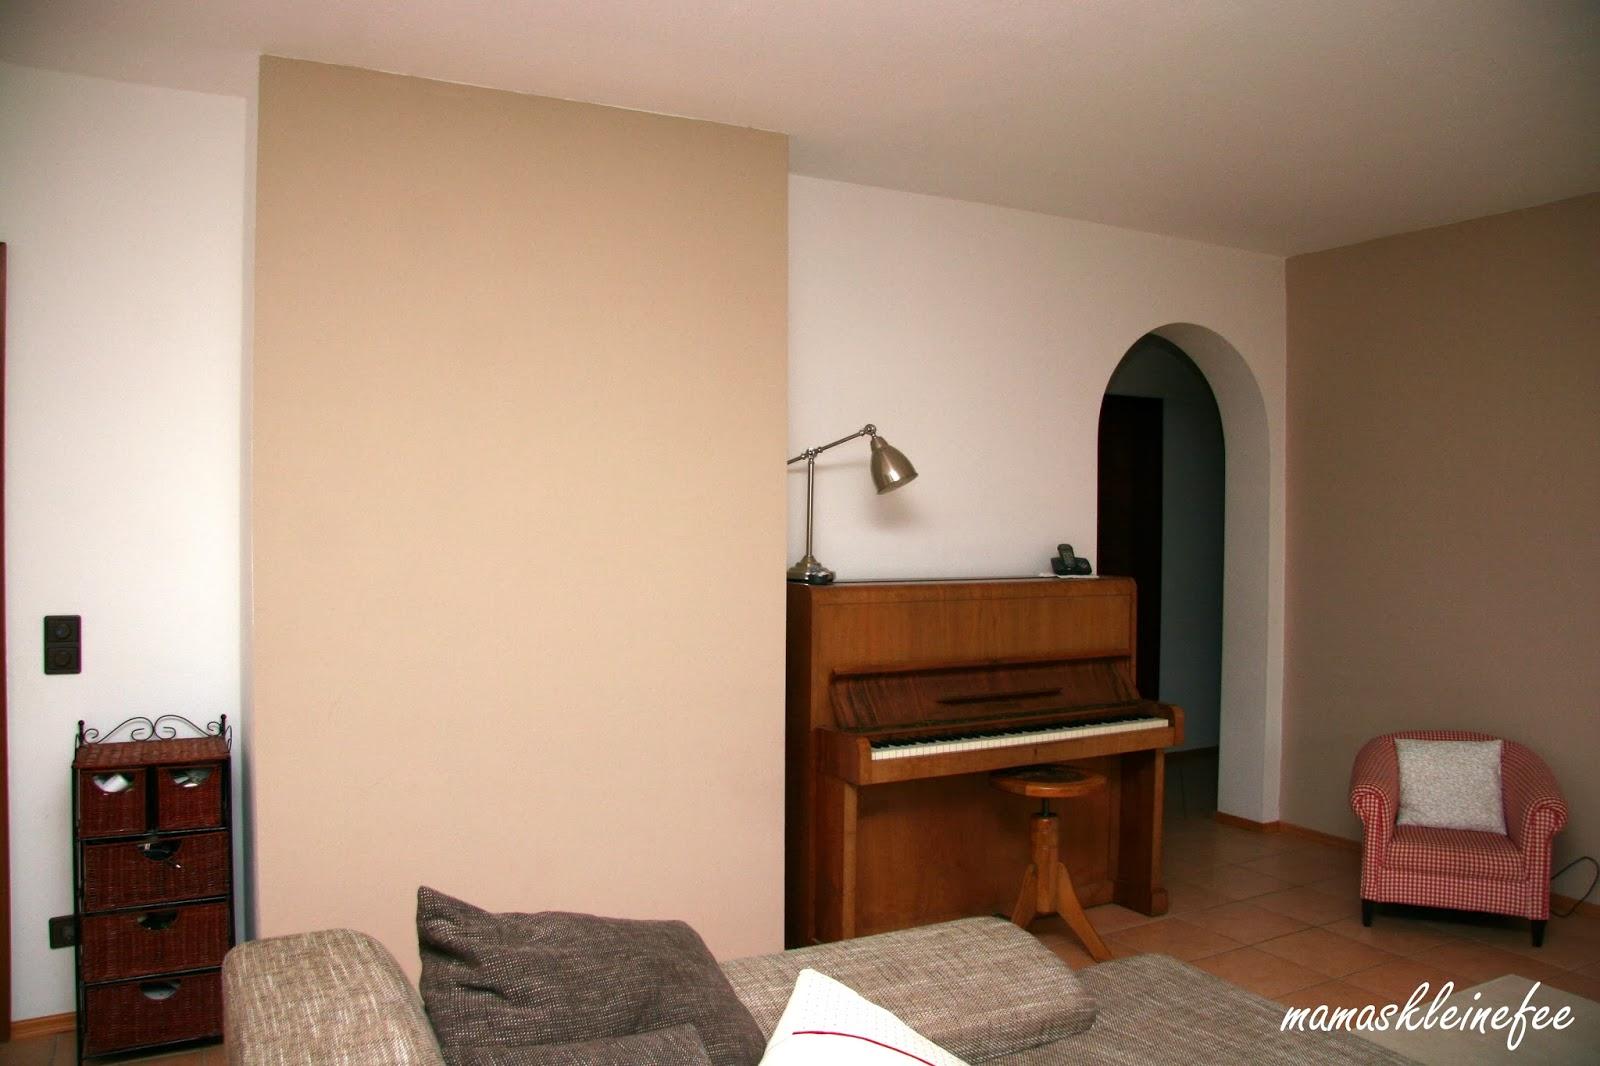 Wohnzimmer Ideen Gesucht – sehremini